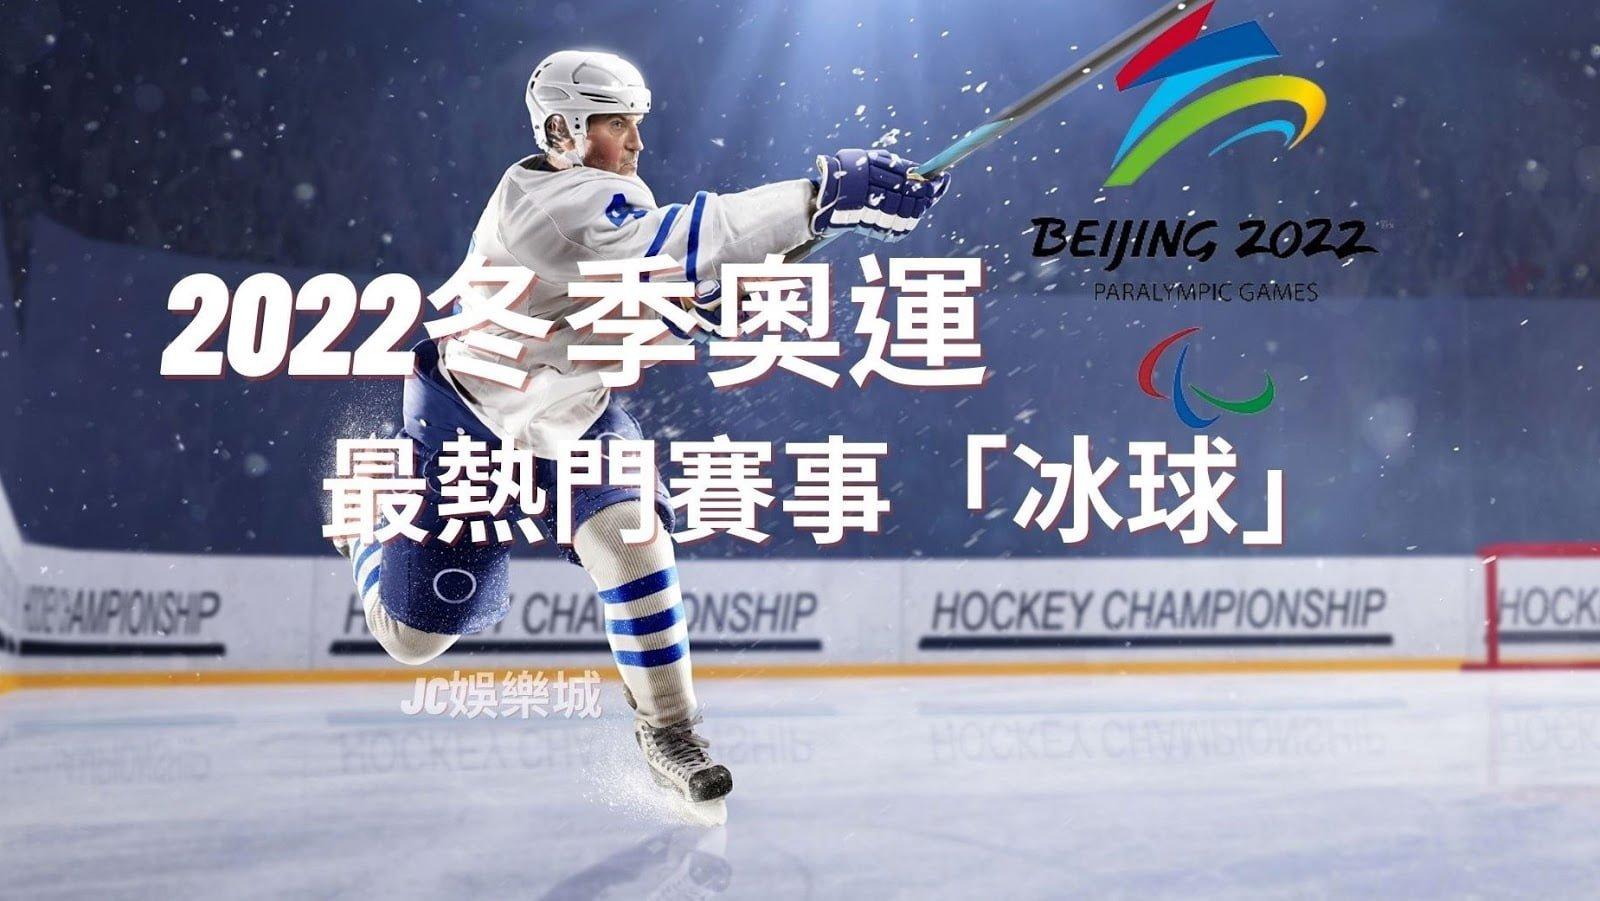 2022冬季奧運最熱門的投注項目【冰球比賽】完整規則介紹